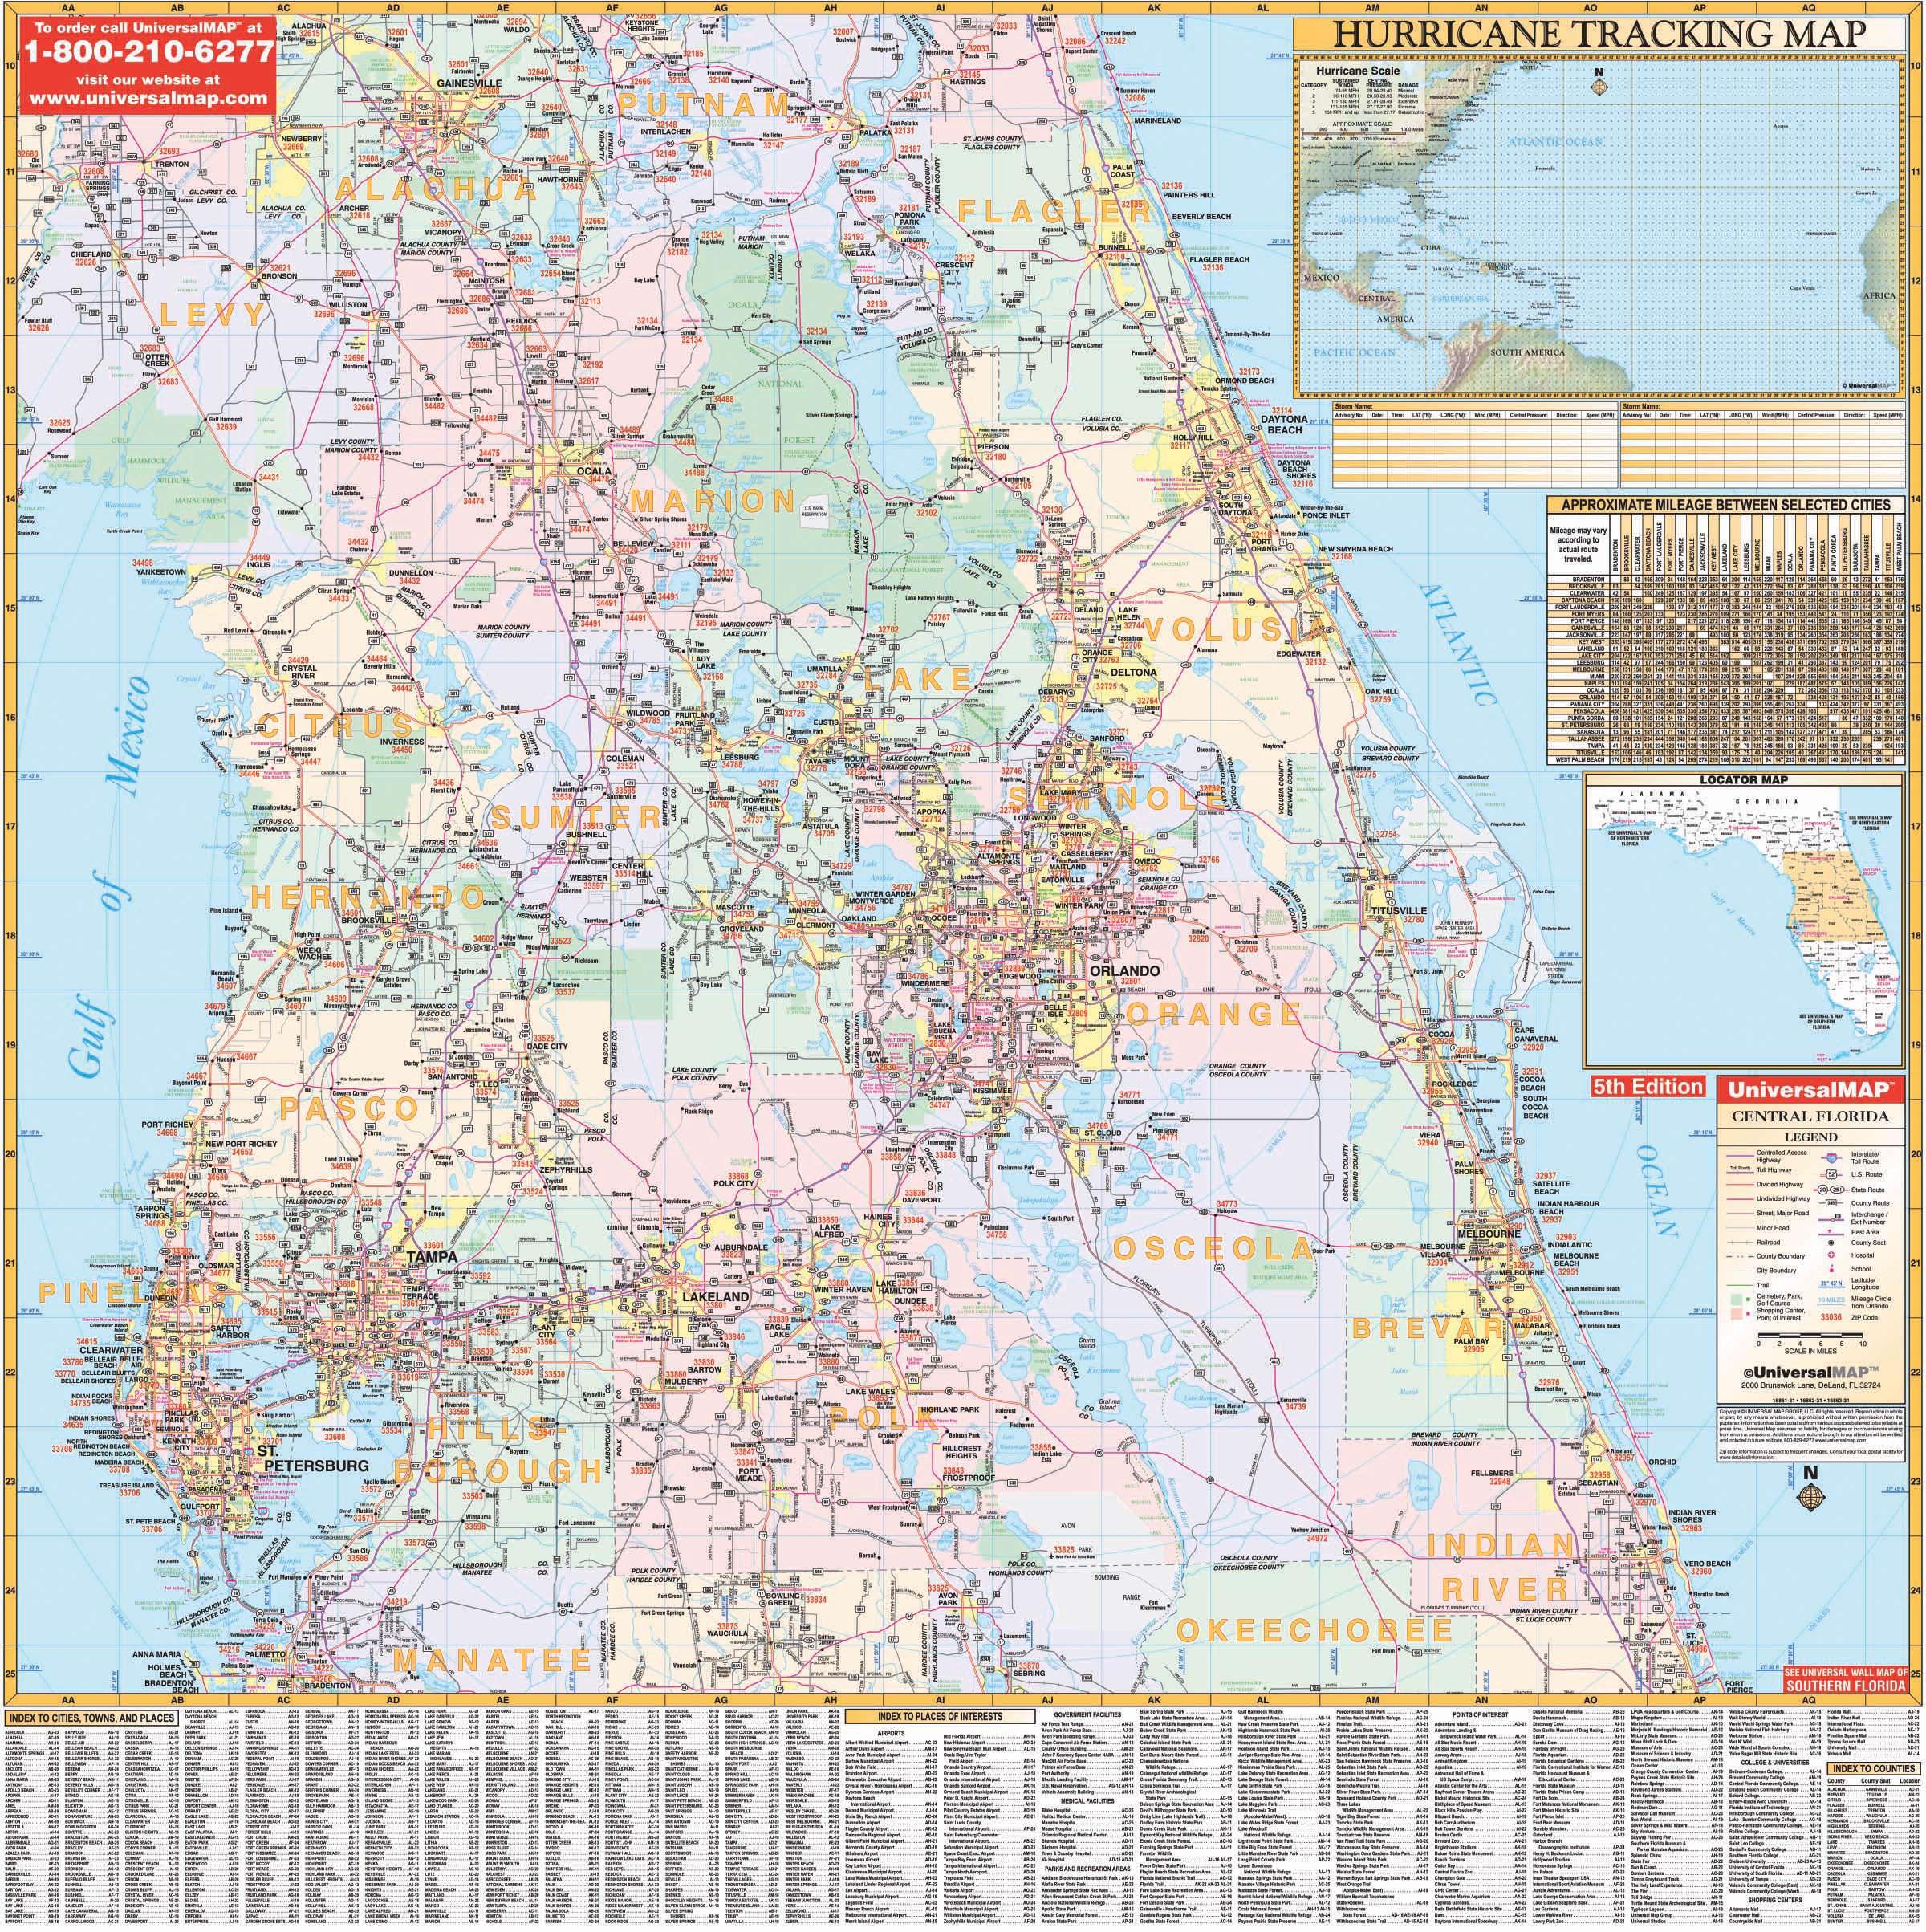 Florida State Central Wall Map – Kappa Map Group - Florida Wall Map